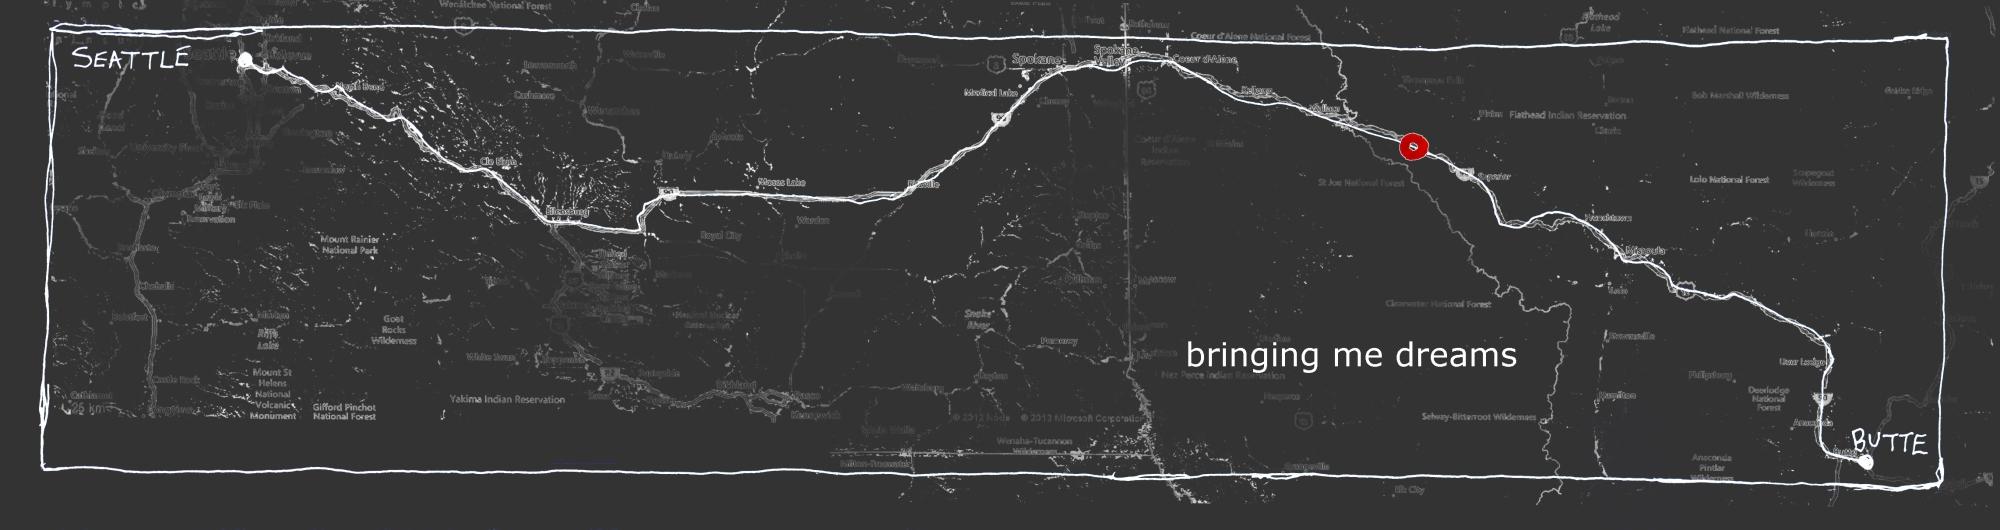 375 map